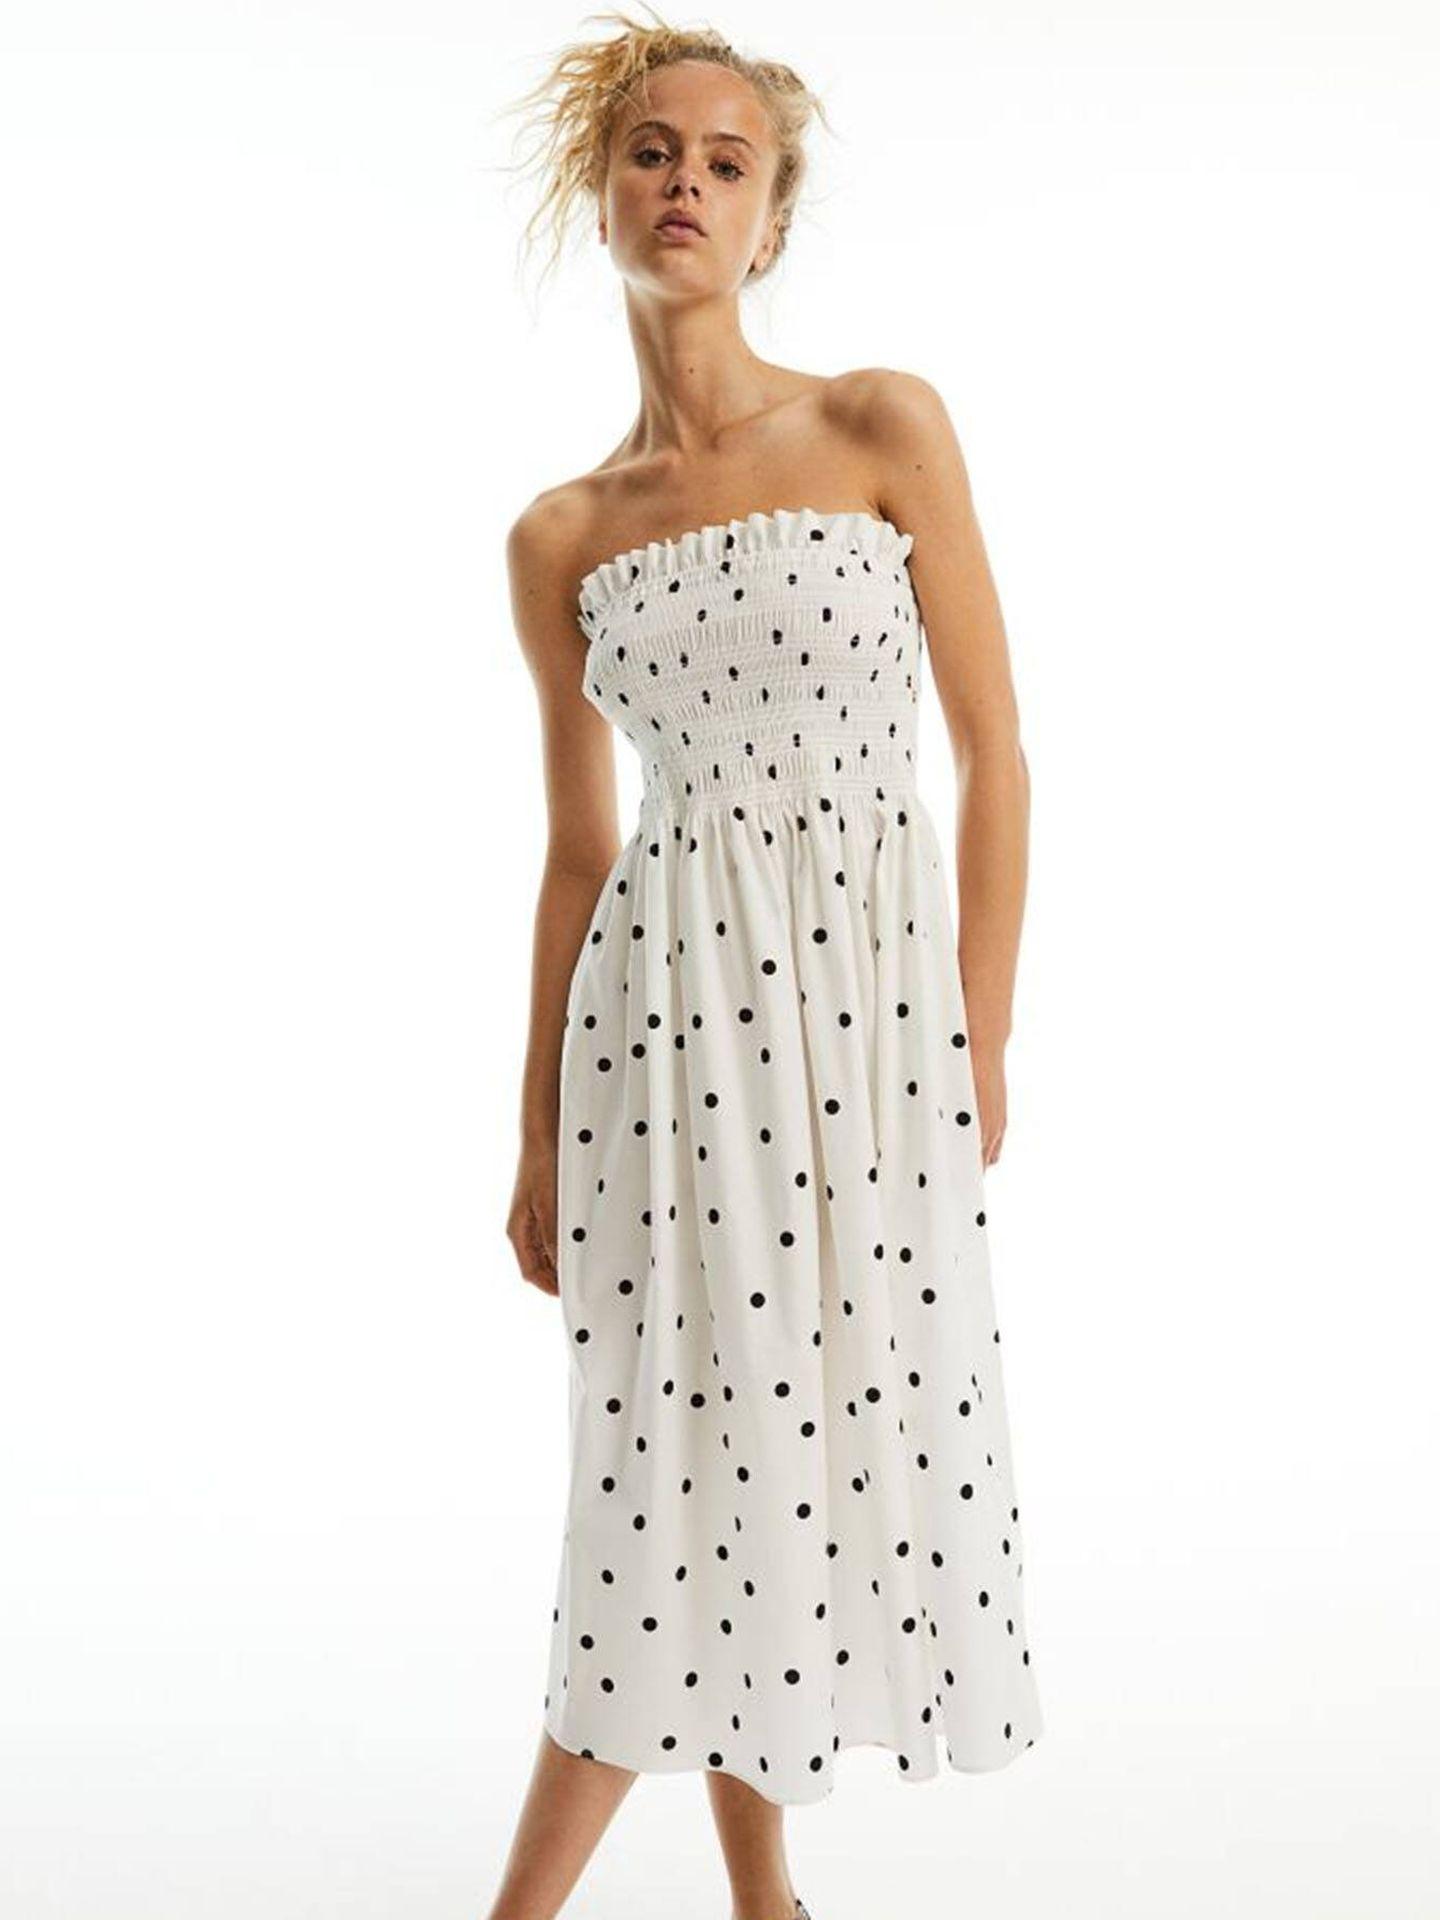 El versátil vestido de HyM para siempre acertar. (Cortesía)